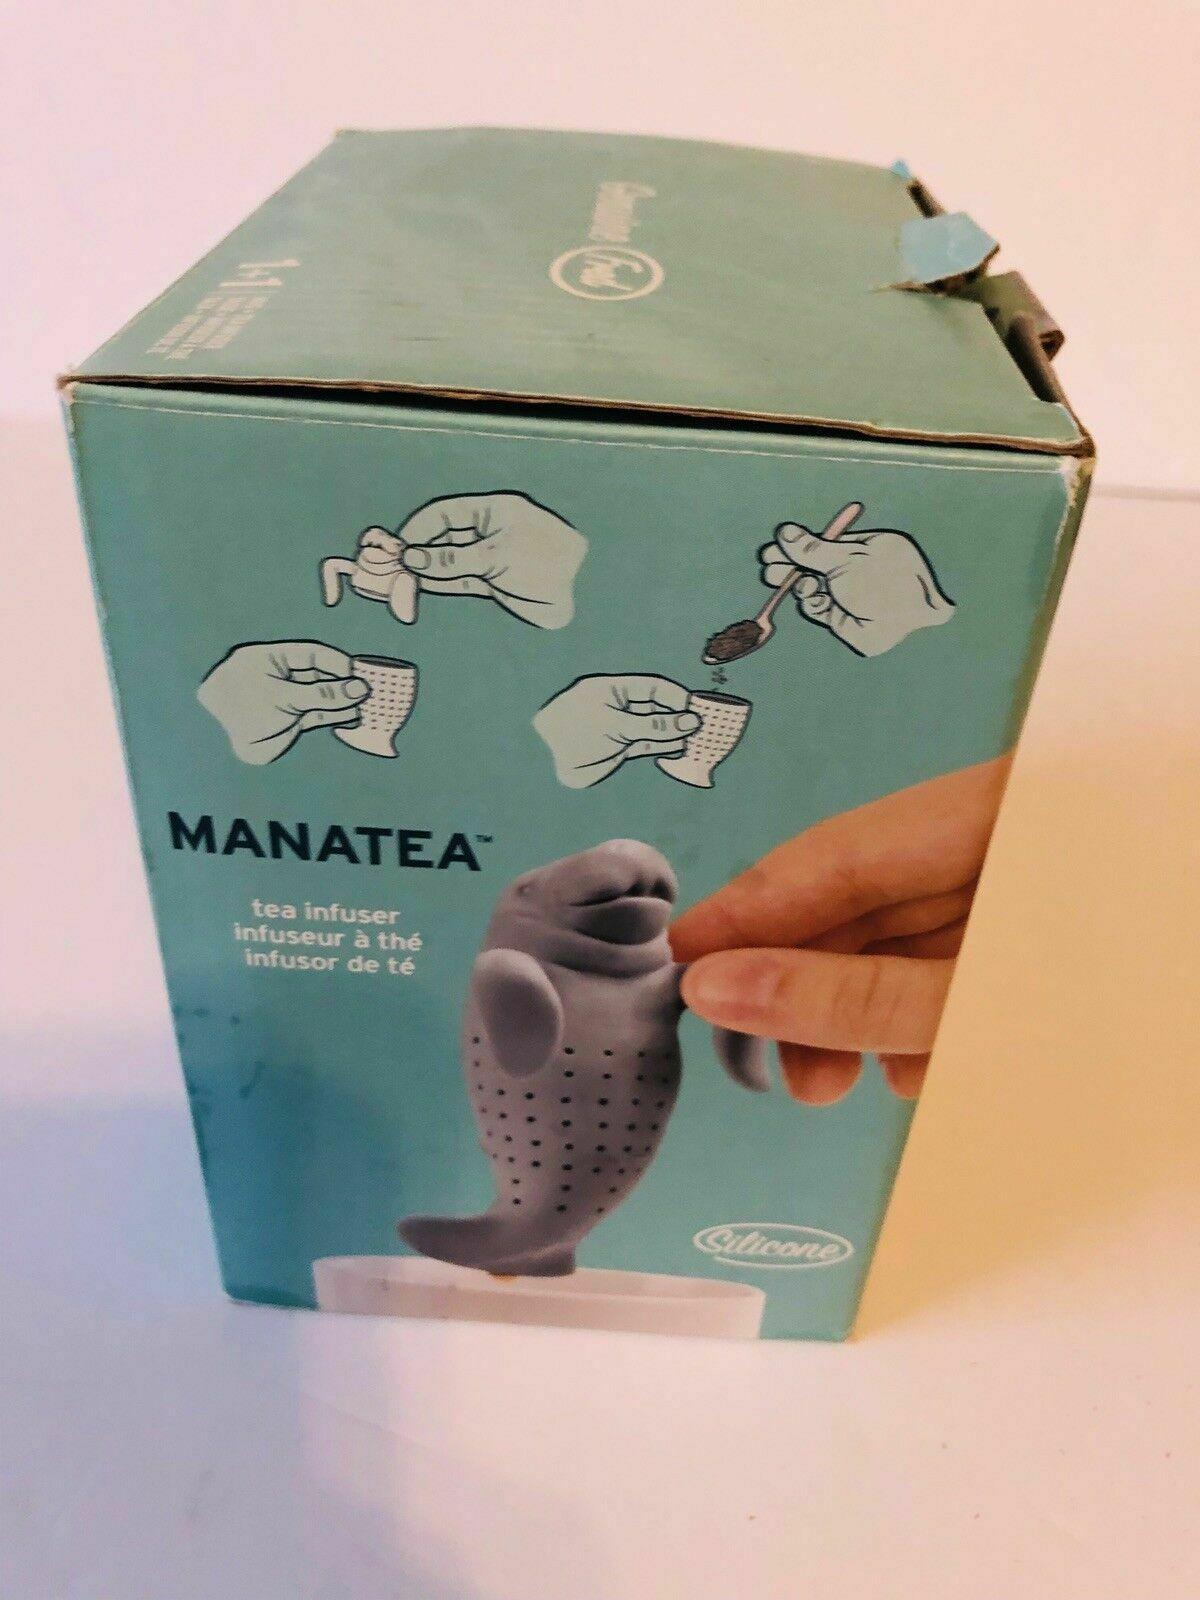 Zwei für Tee Manatea Tee-Ei & Kaffee Tasse Geschenk Set von Fred & Freunde image 5